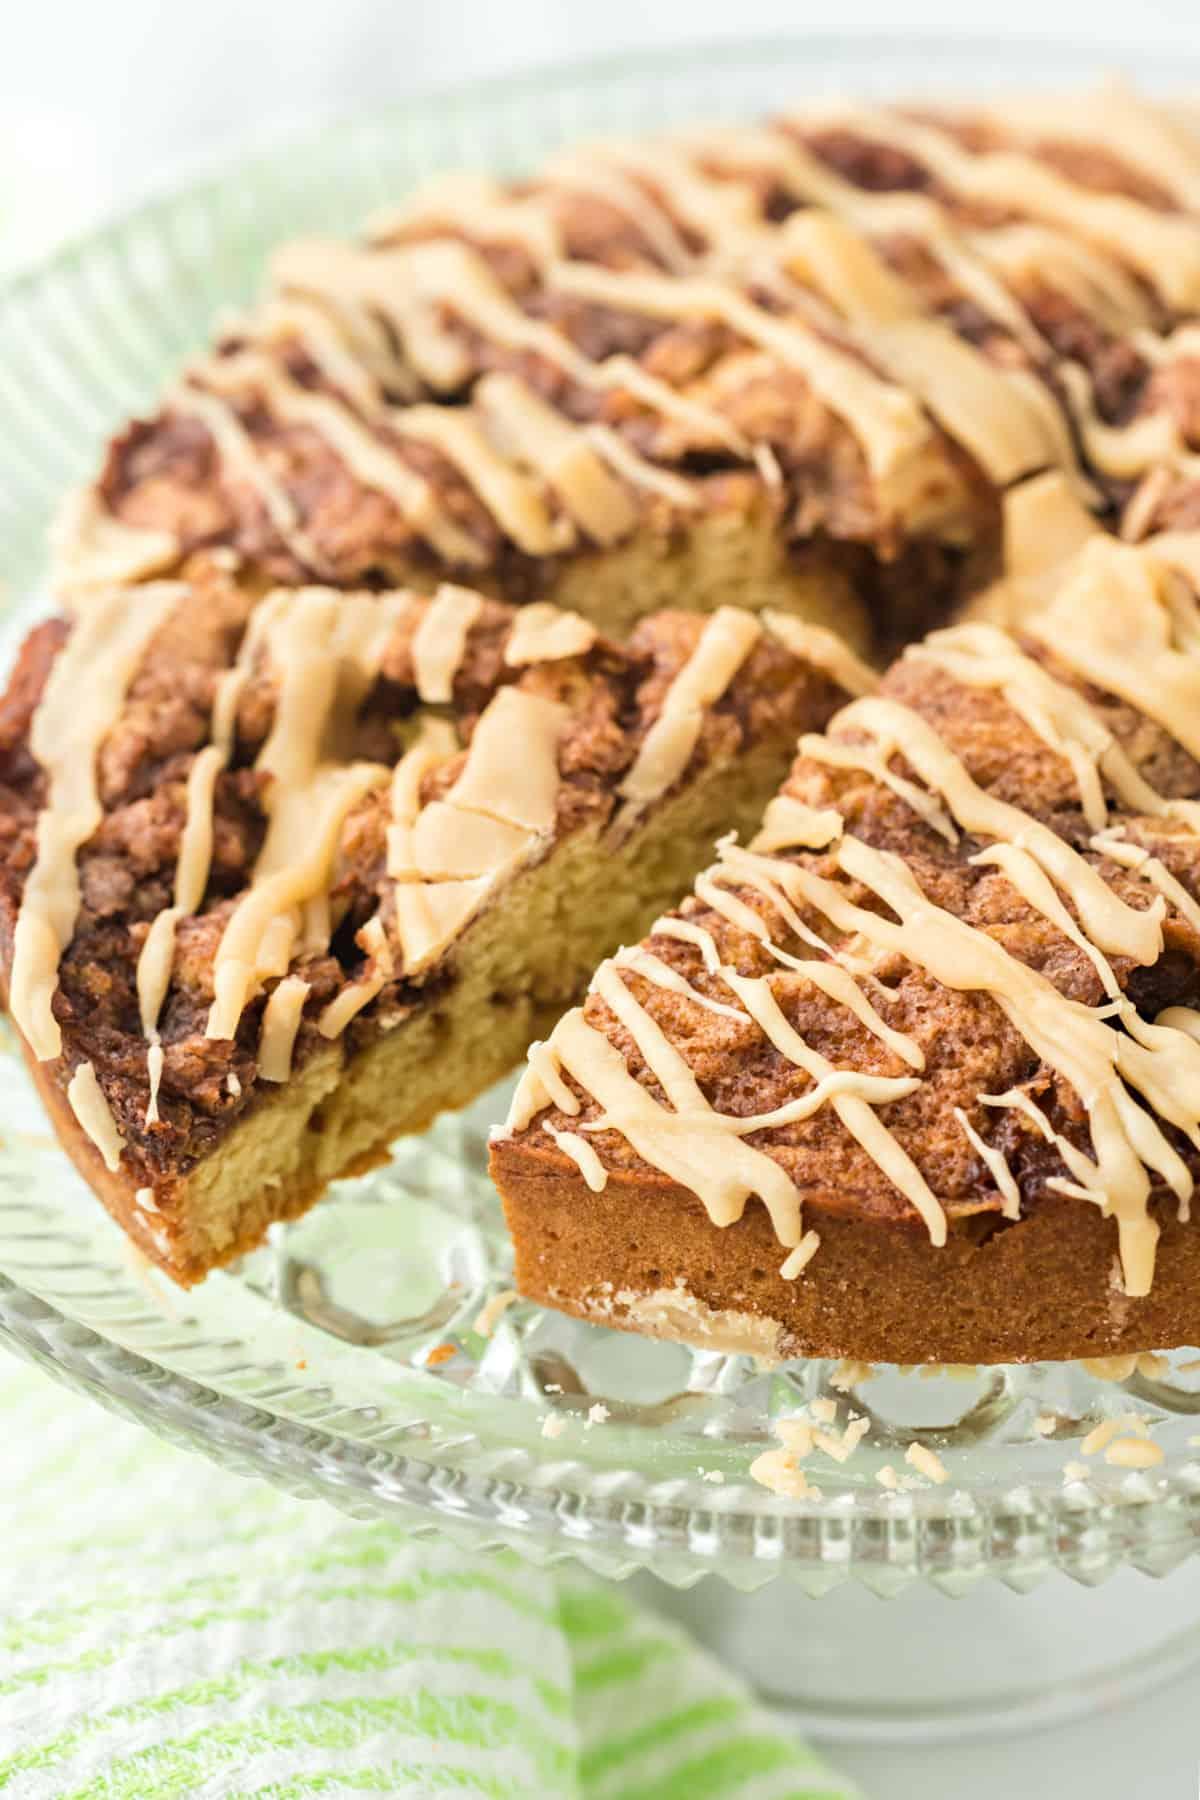 Apple coffee cake with caramel glaze.